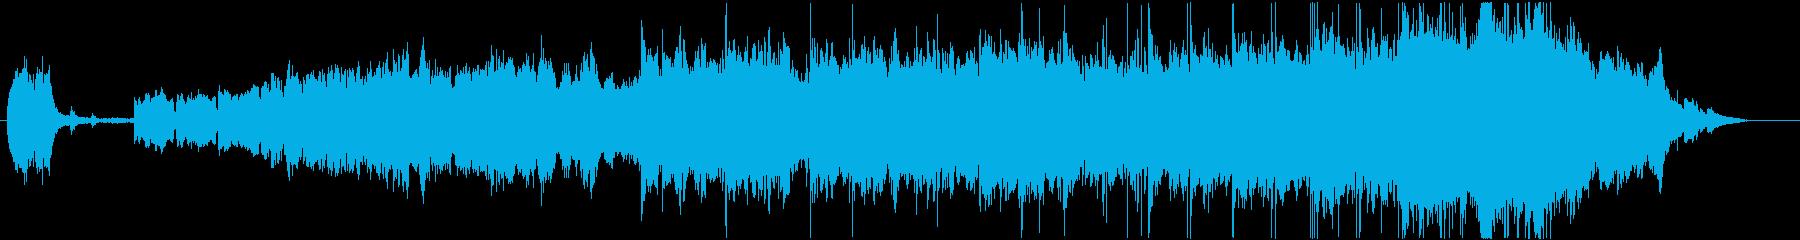 深々と流れるオーケストラサイレントナイトの再生済みの波形